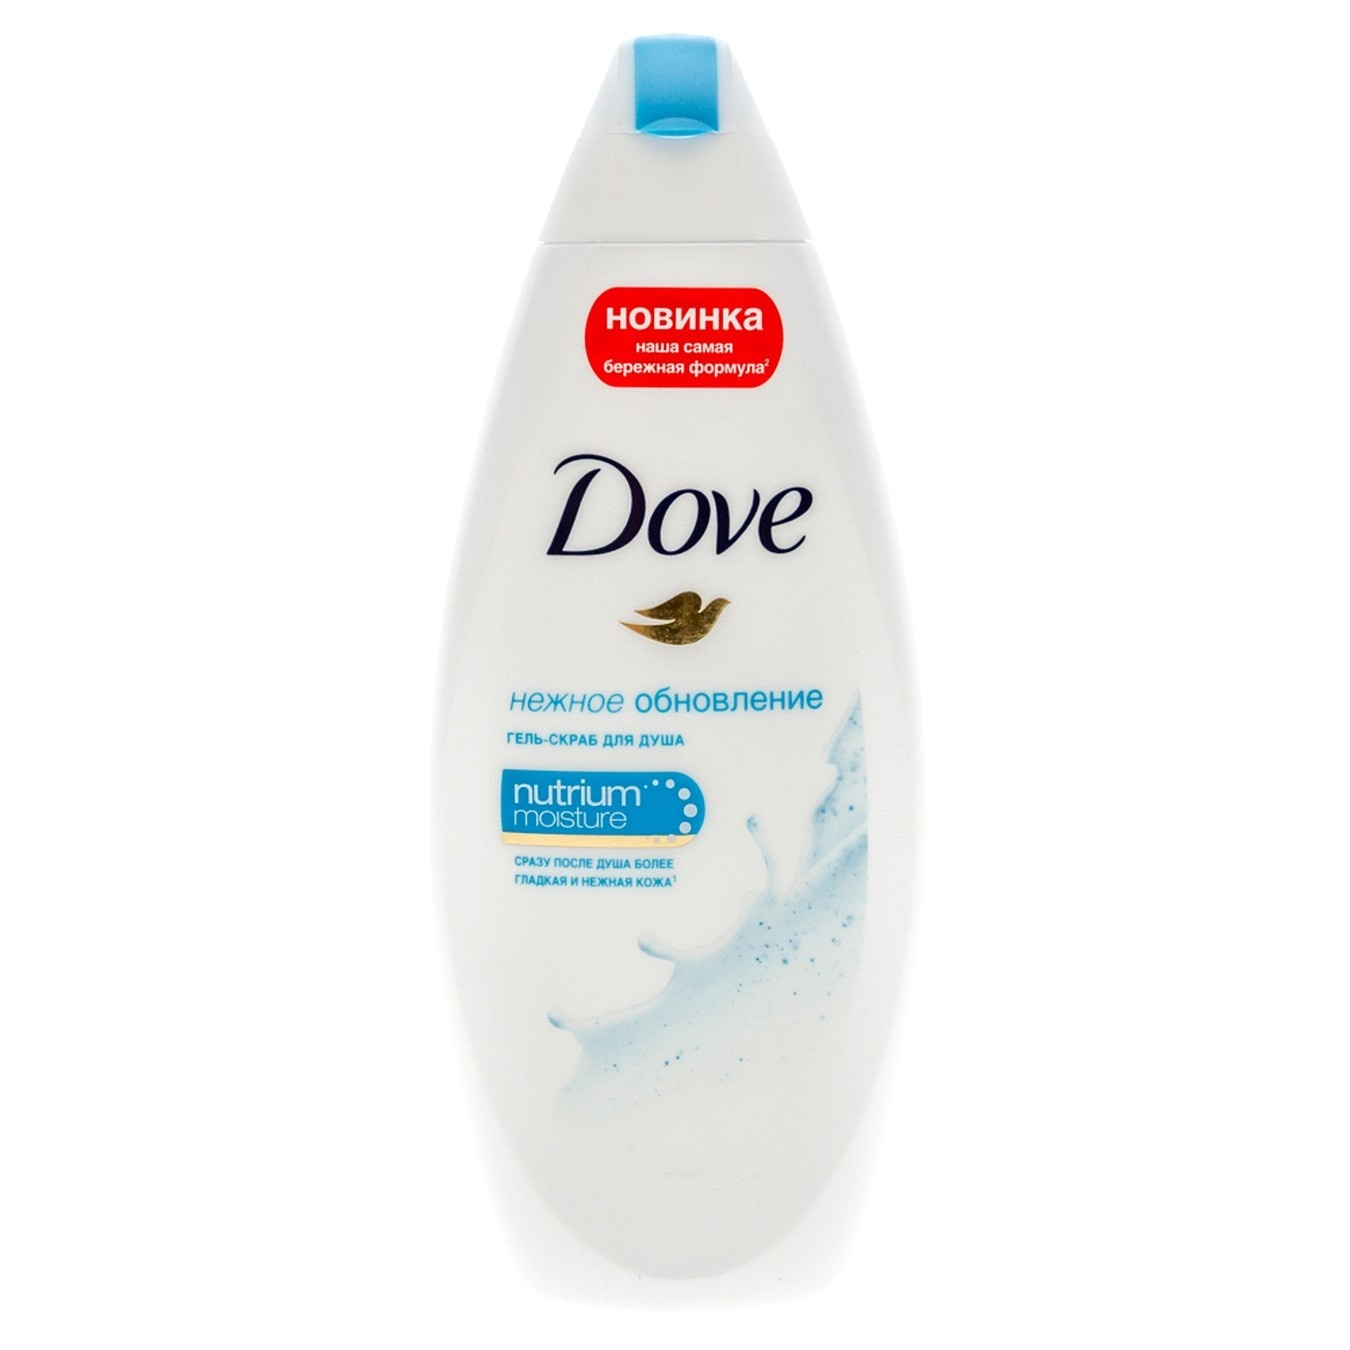 DOVE Гель-скраб для душа Нежное обновление 250 мл (DOVE, Средства для ванны и душа)